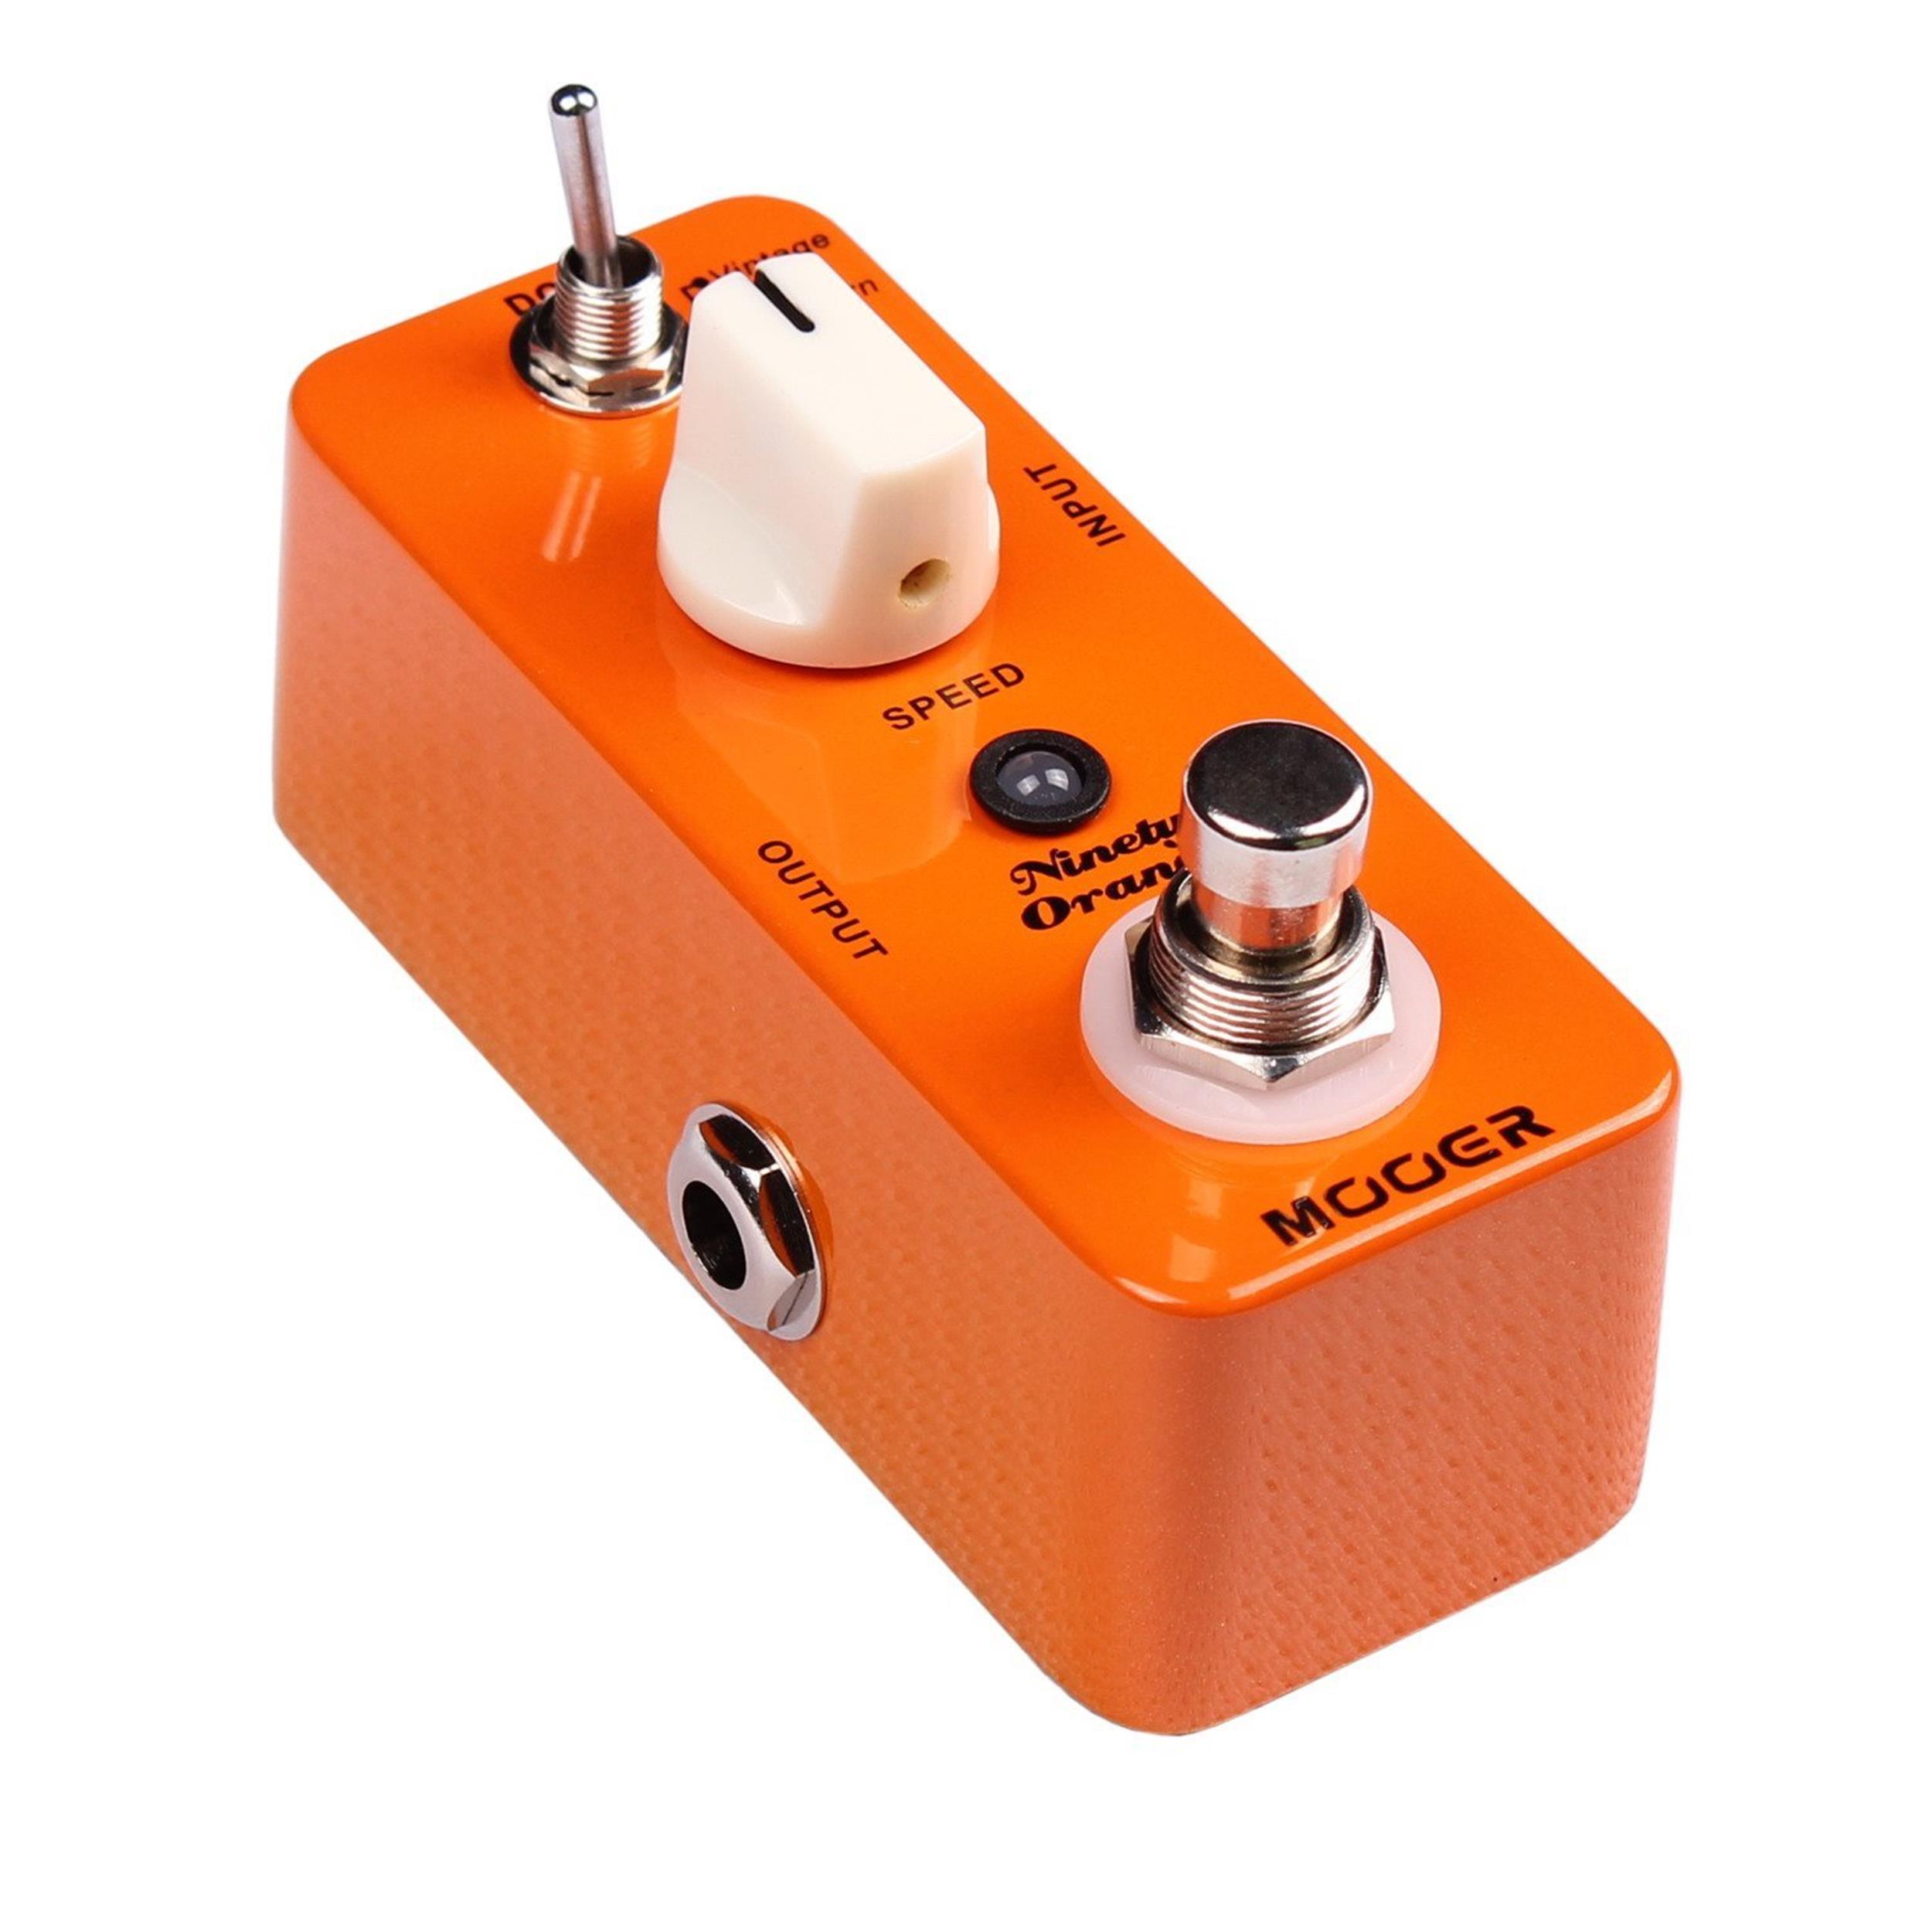 MOOER-Ninety-Orange-Phaser-Analogico-sku-8988